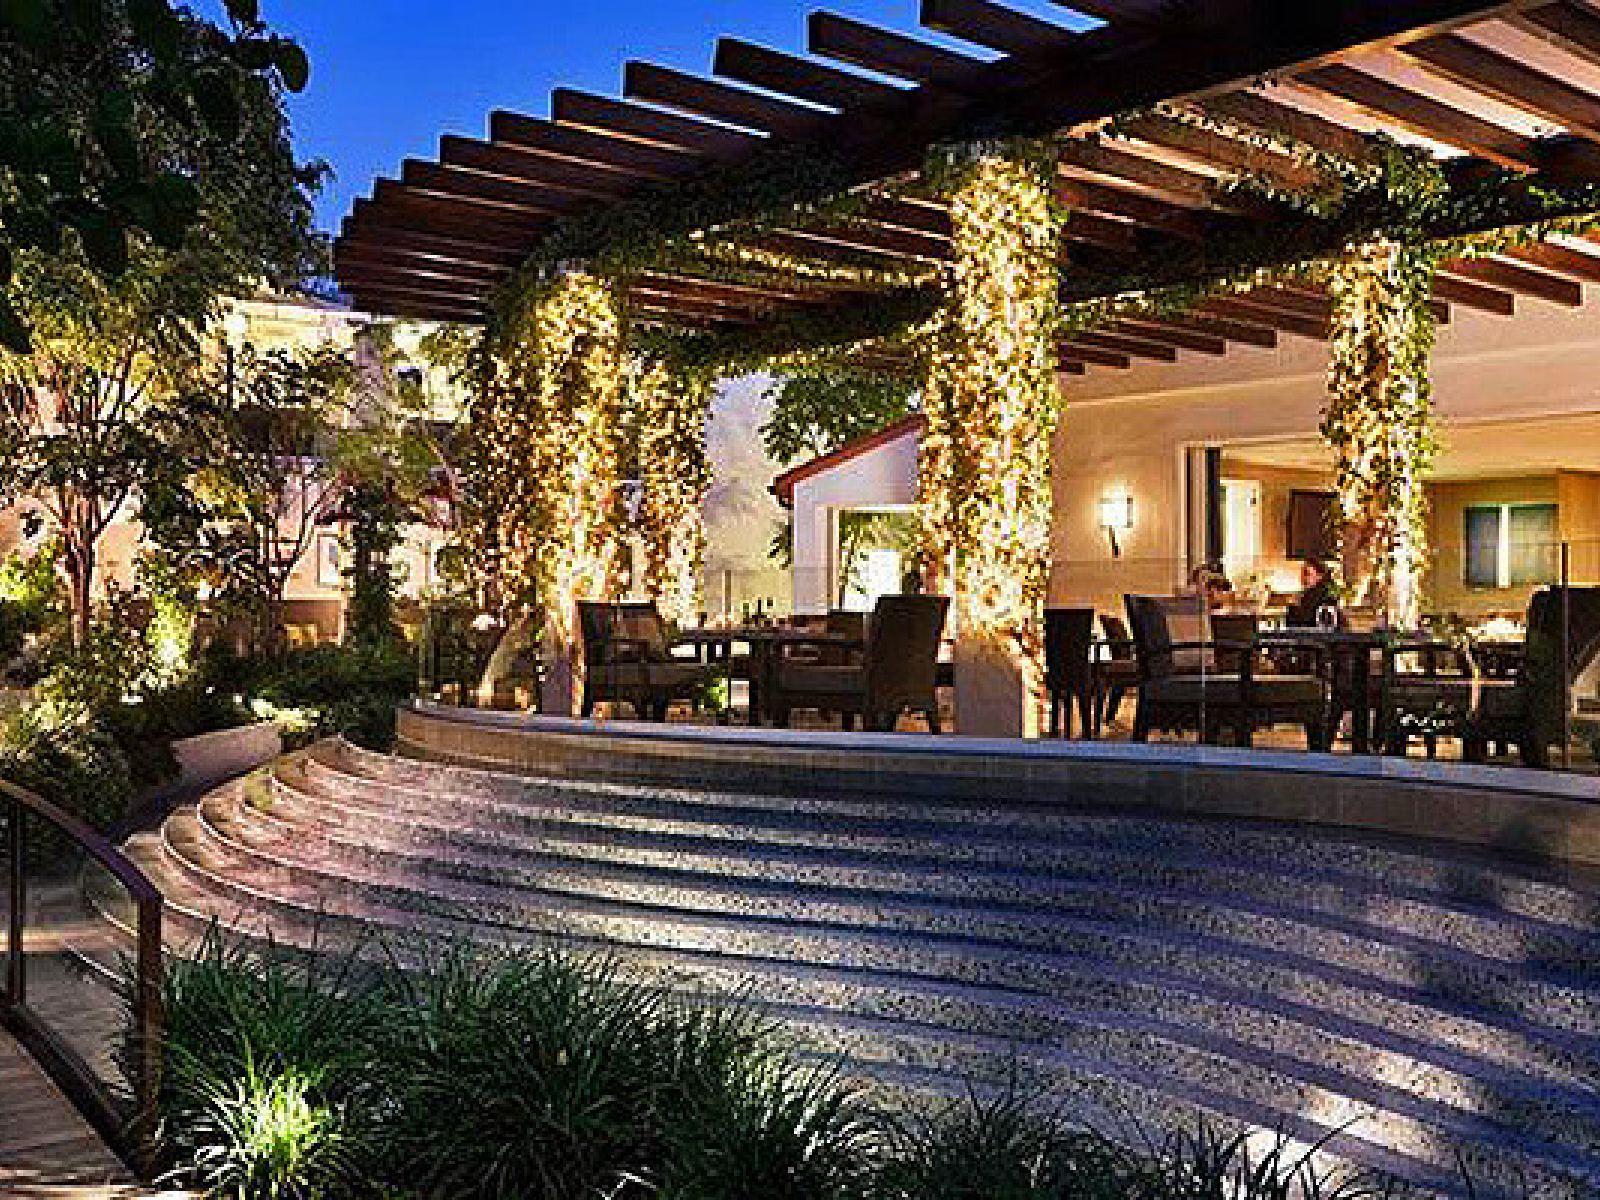 Main image for guide titled Restaurantes para Cenar con las Estrellas en Los Ángeles